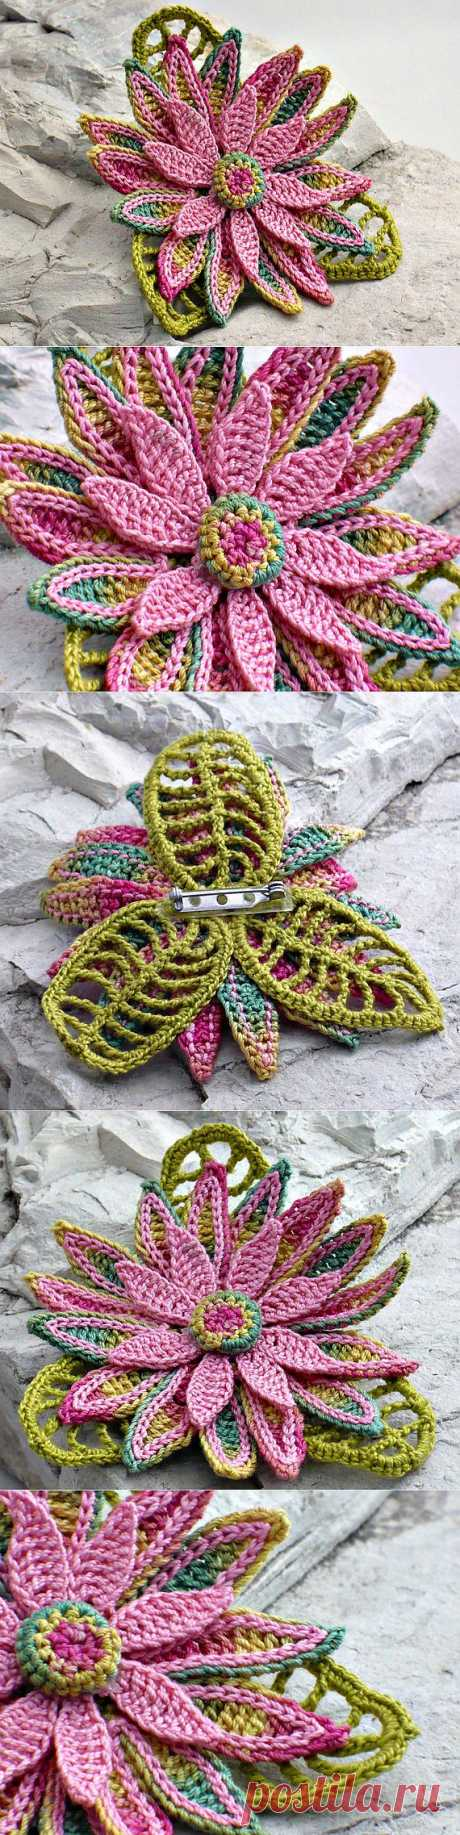 Crochet Brooch Irish Crochet Pin Daisy Pink от Nothingbutstring